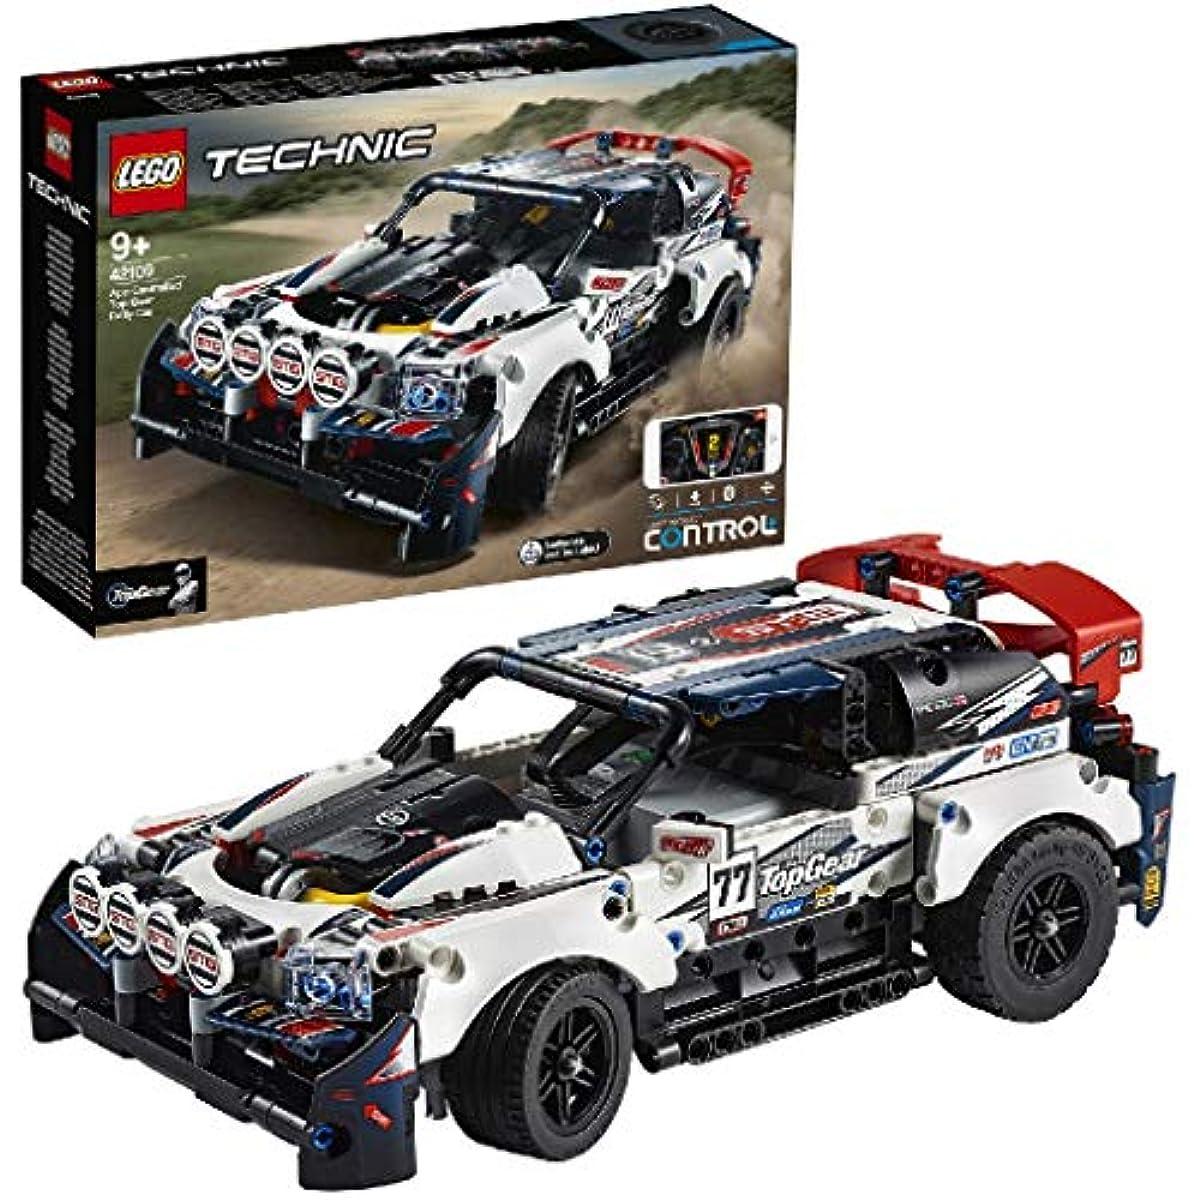 [해외] 레고(LEGO) 테크닉 톱 기어랠리 카(어플케이션 컨트롤) 42109